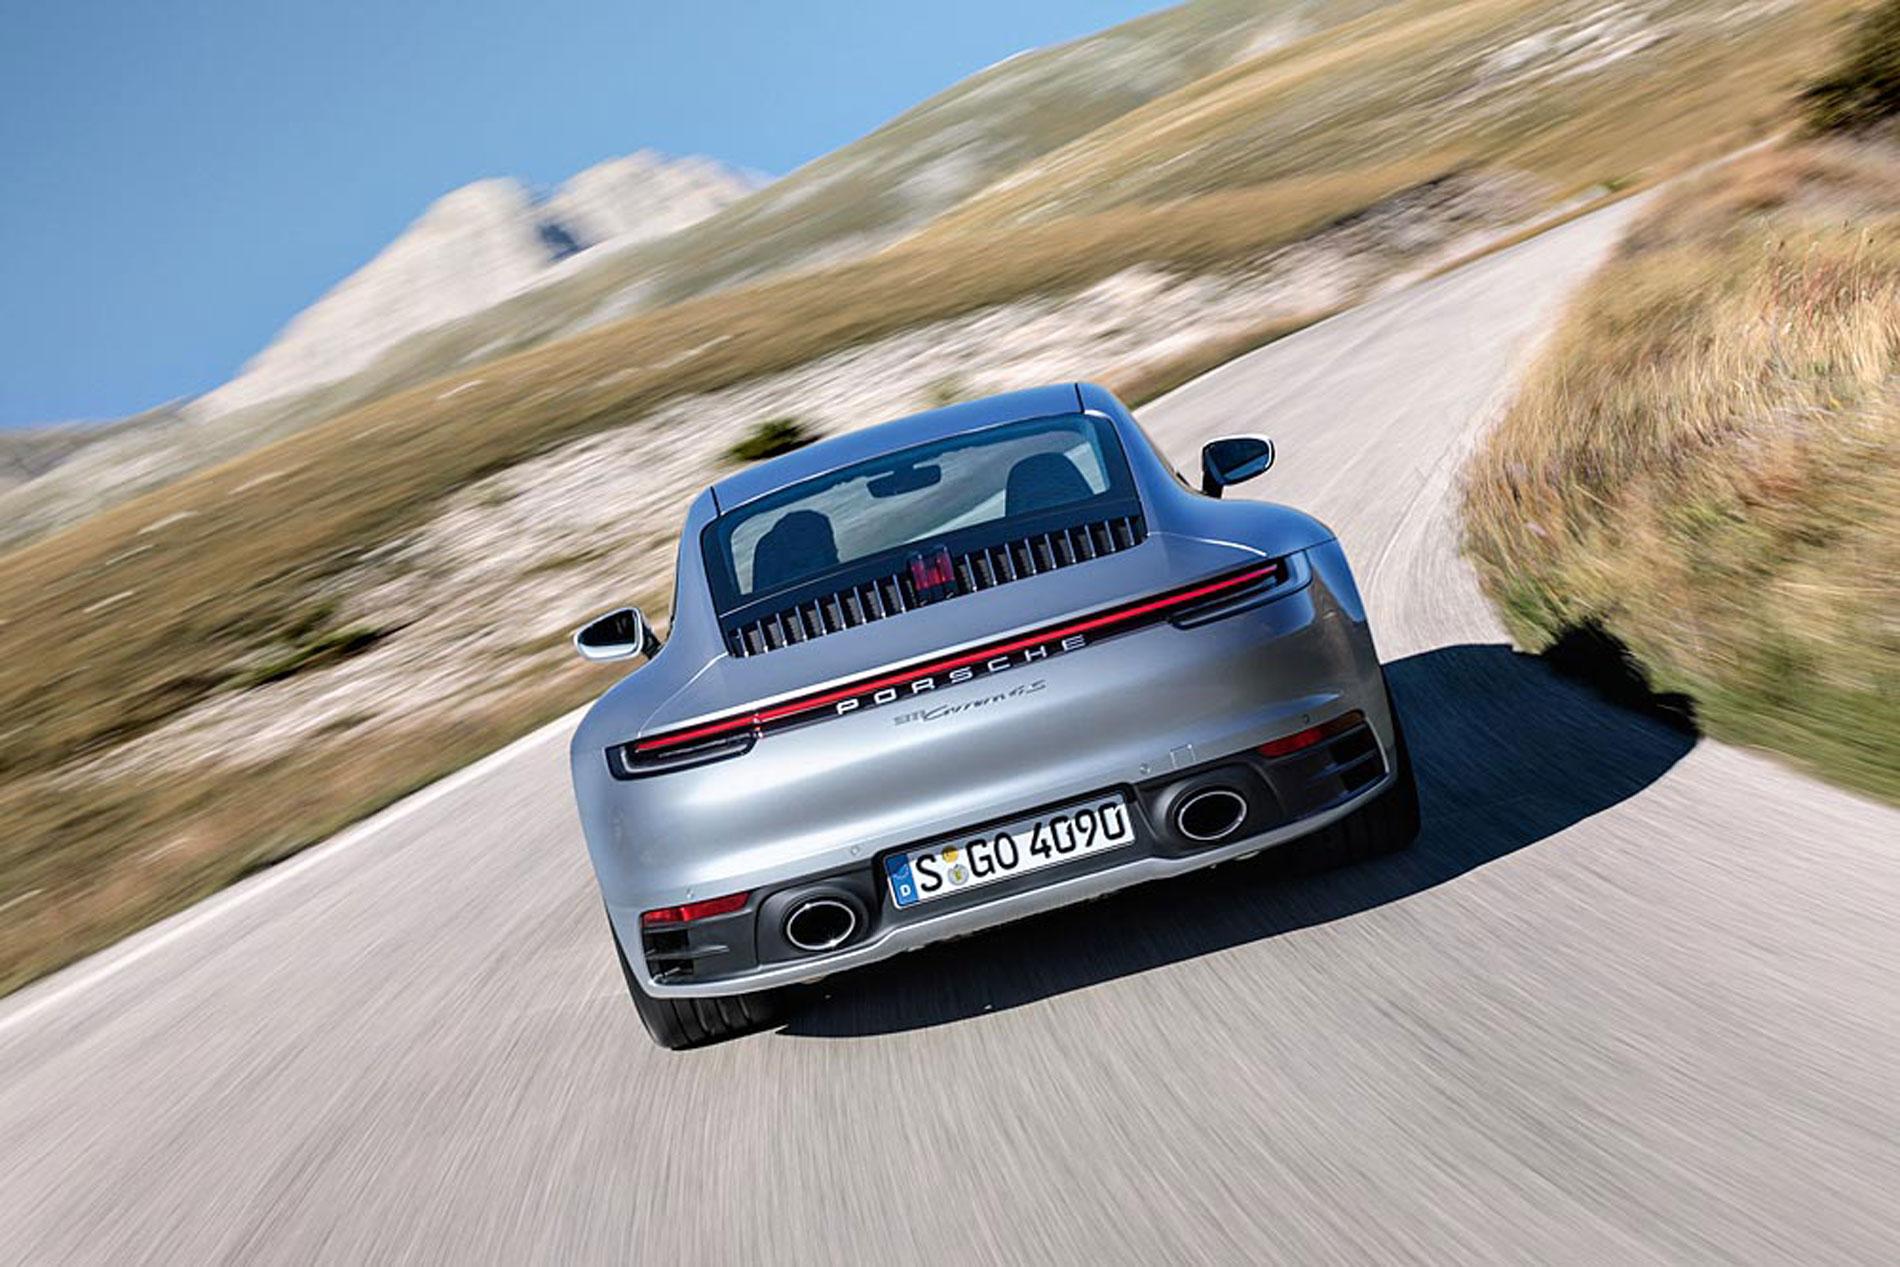 Las imágenes del nuevo Porsche 911